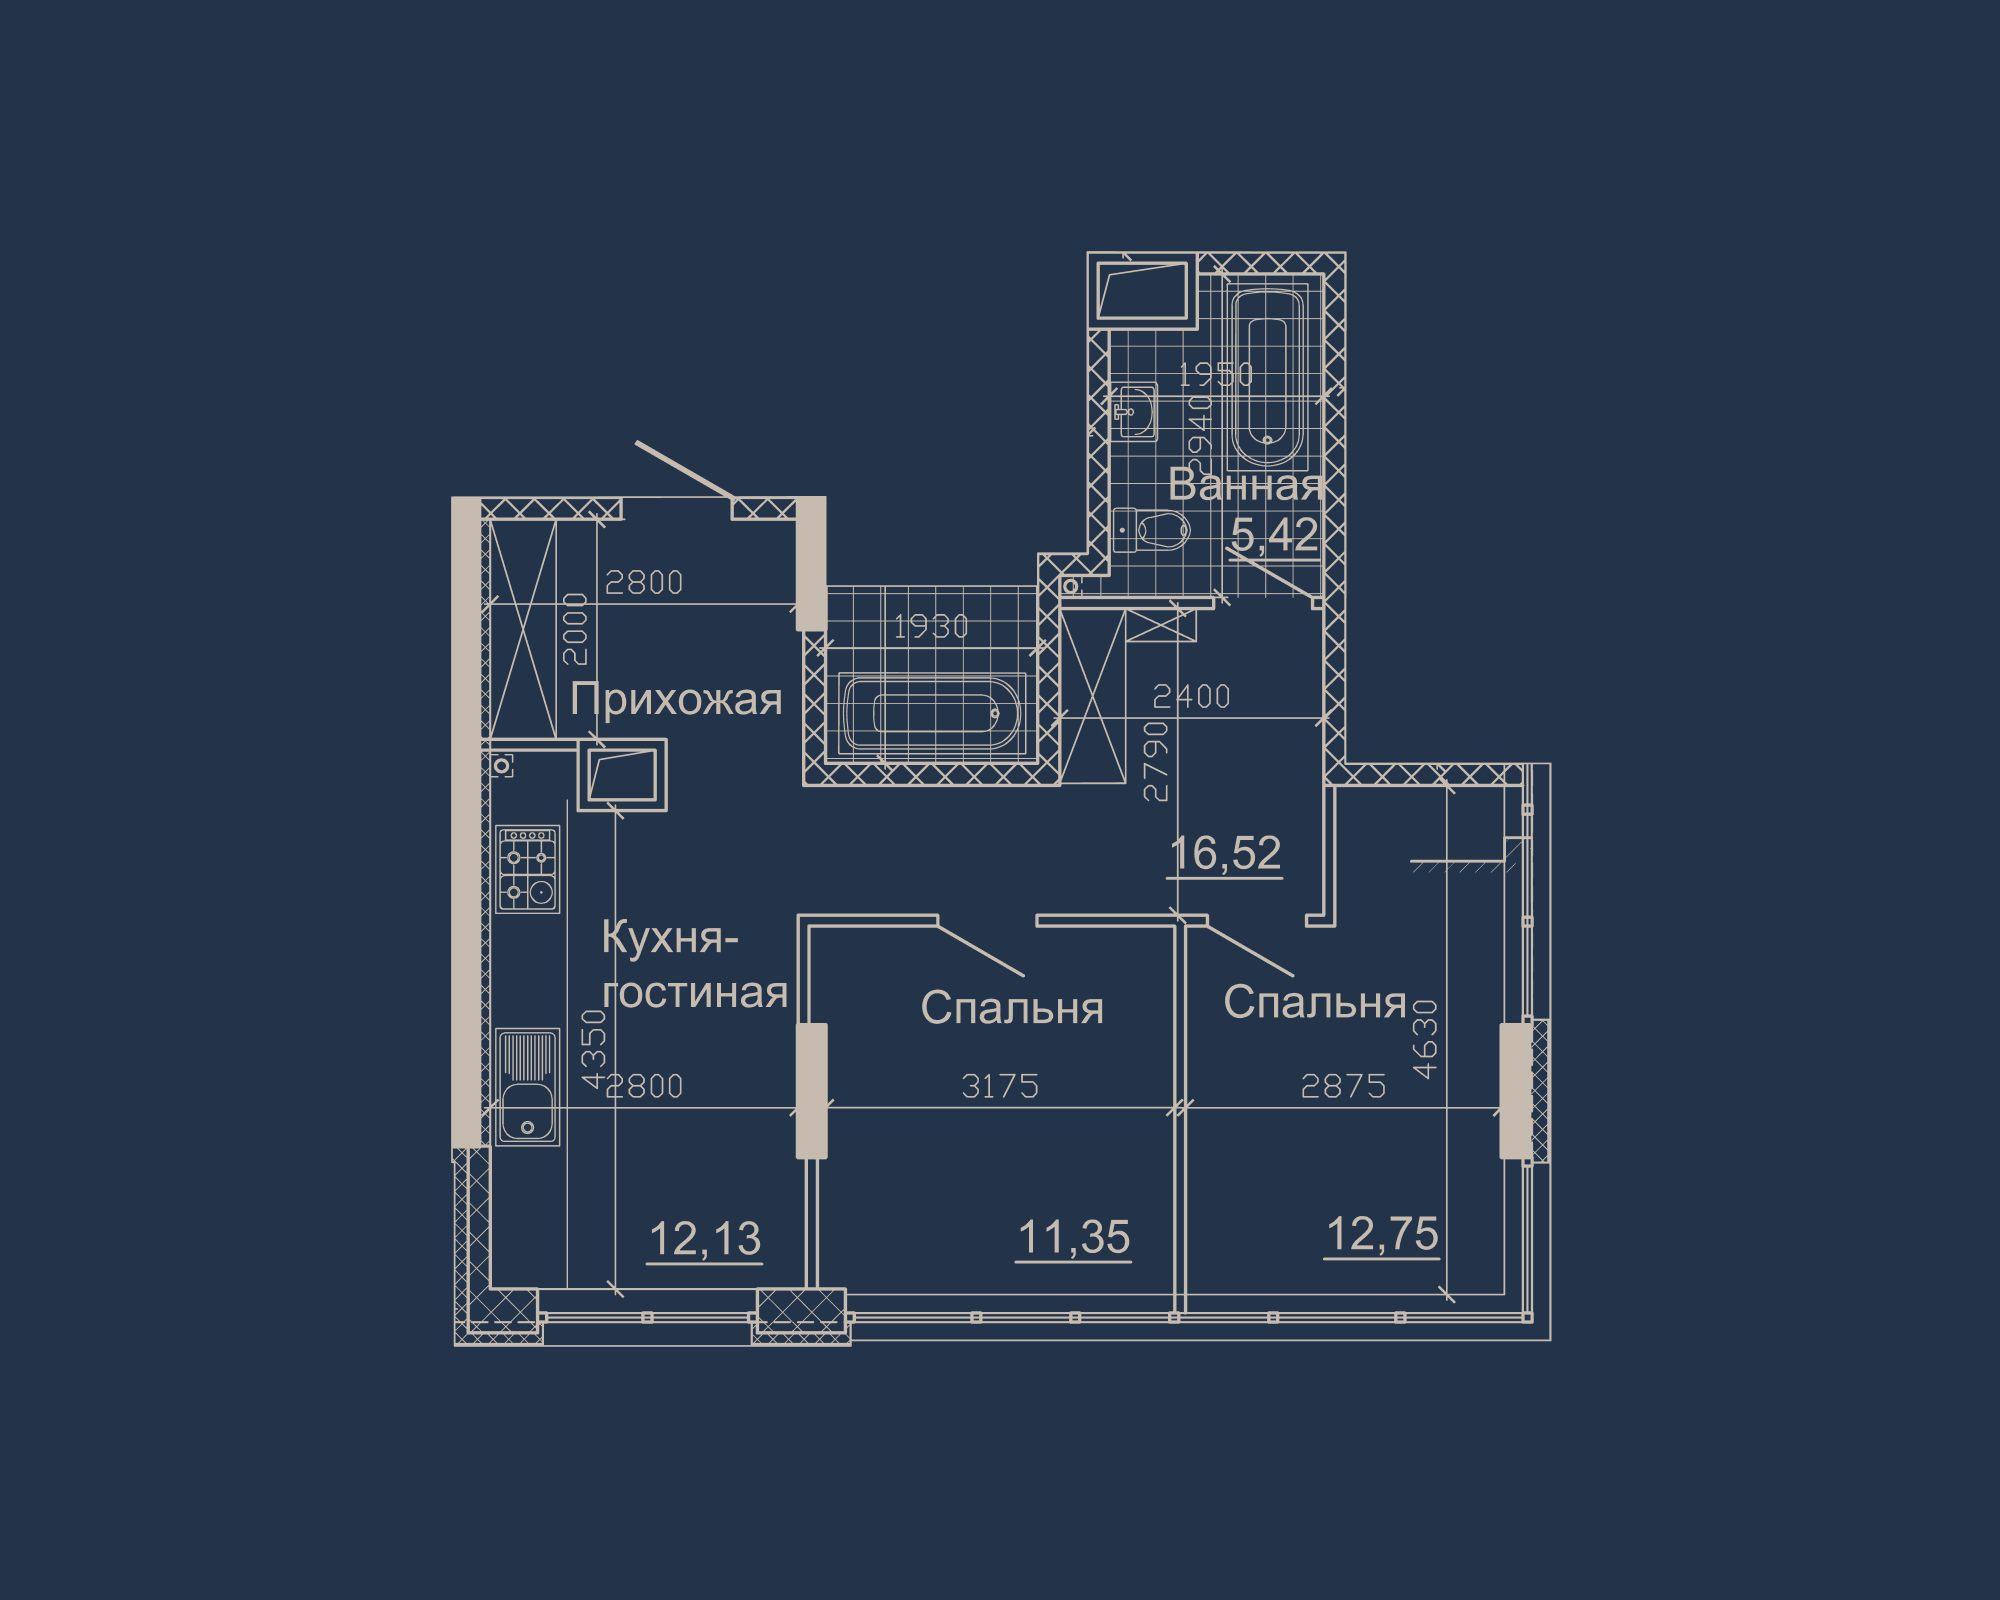 2-кімнатна квартира типу 10Б-2 у ЖК Nebo